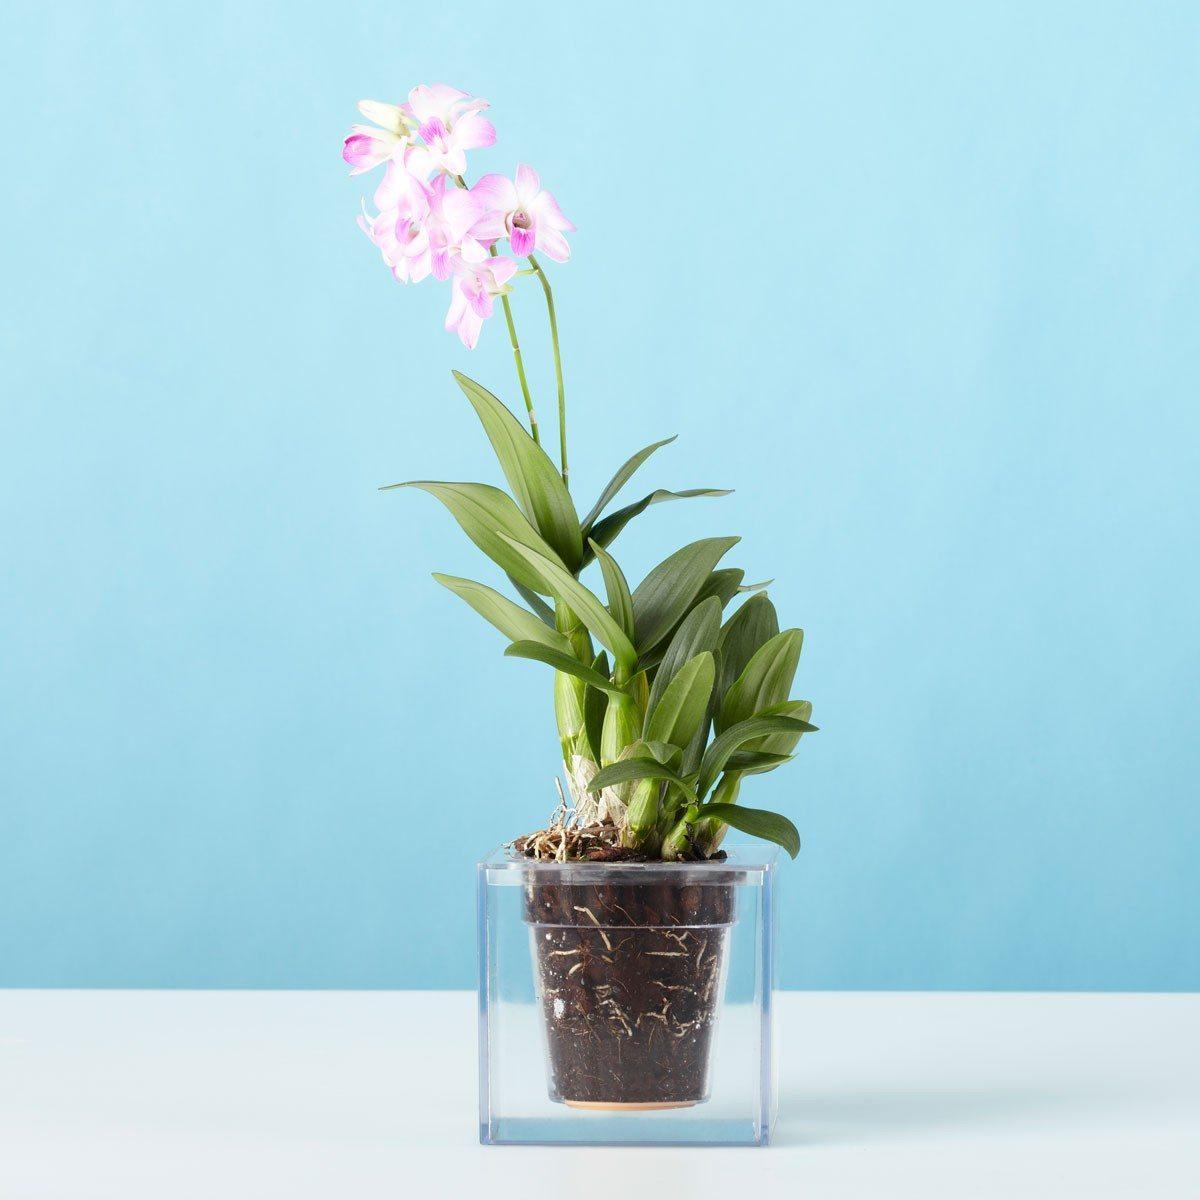 Den gennemsigtige blomsterkrukke